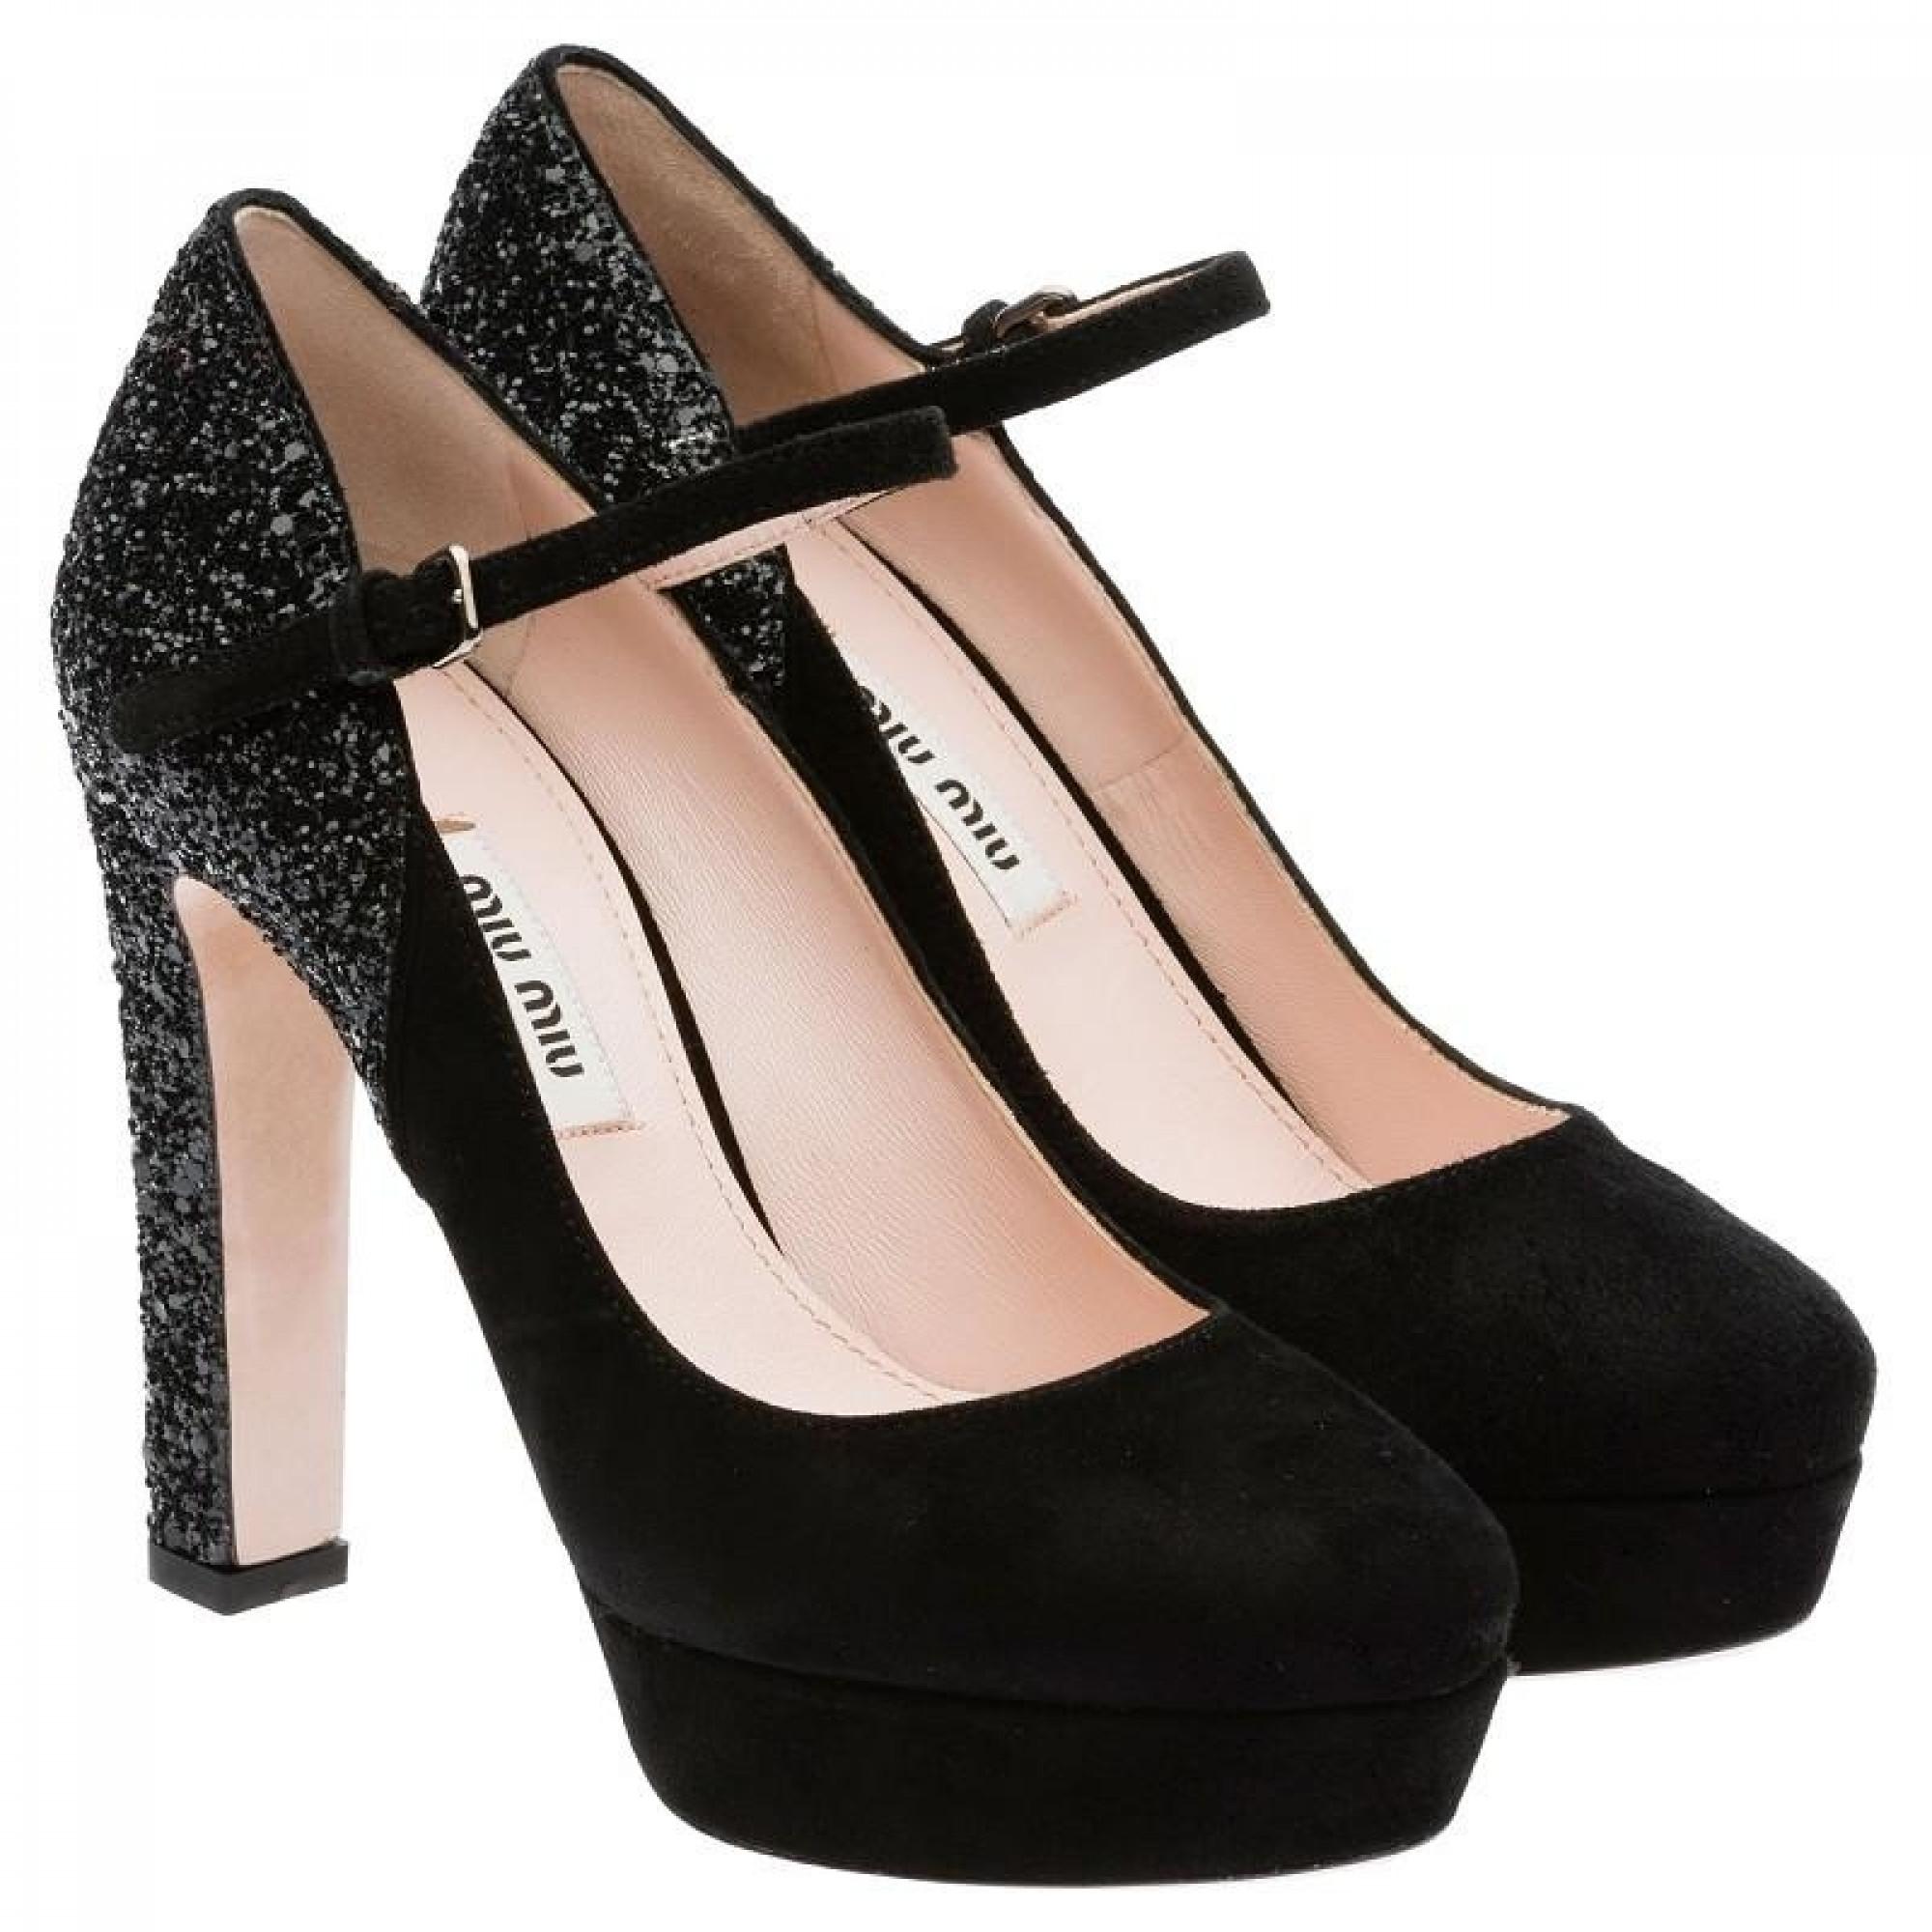 Купить черные туфли на высоком каблуке от Miu Miu 2017 — в Киеве ... 3181f08c382